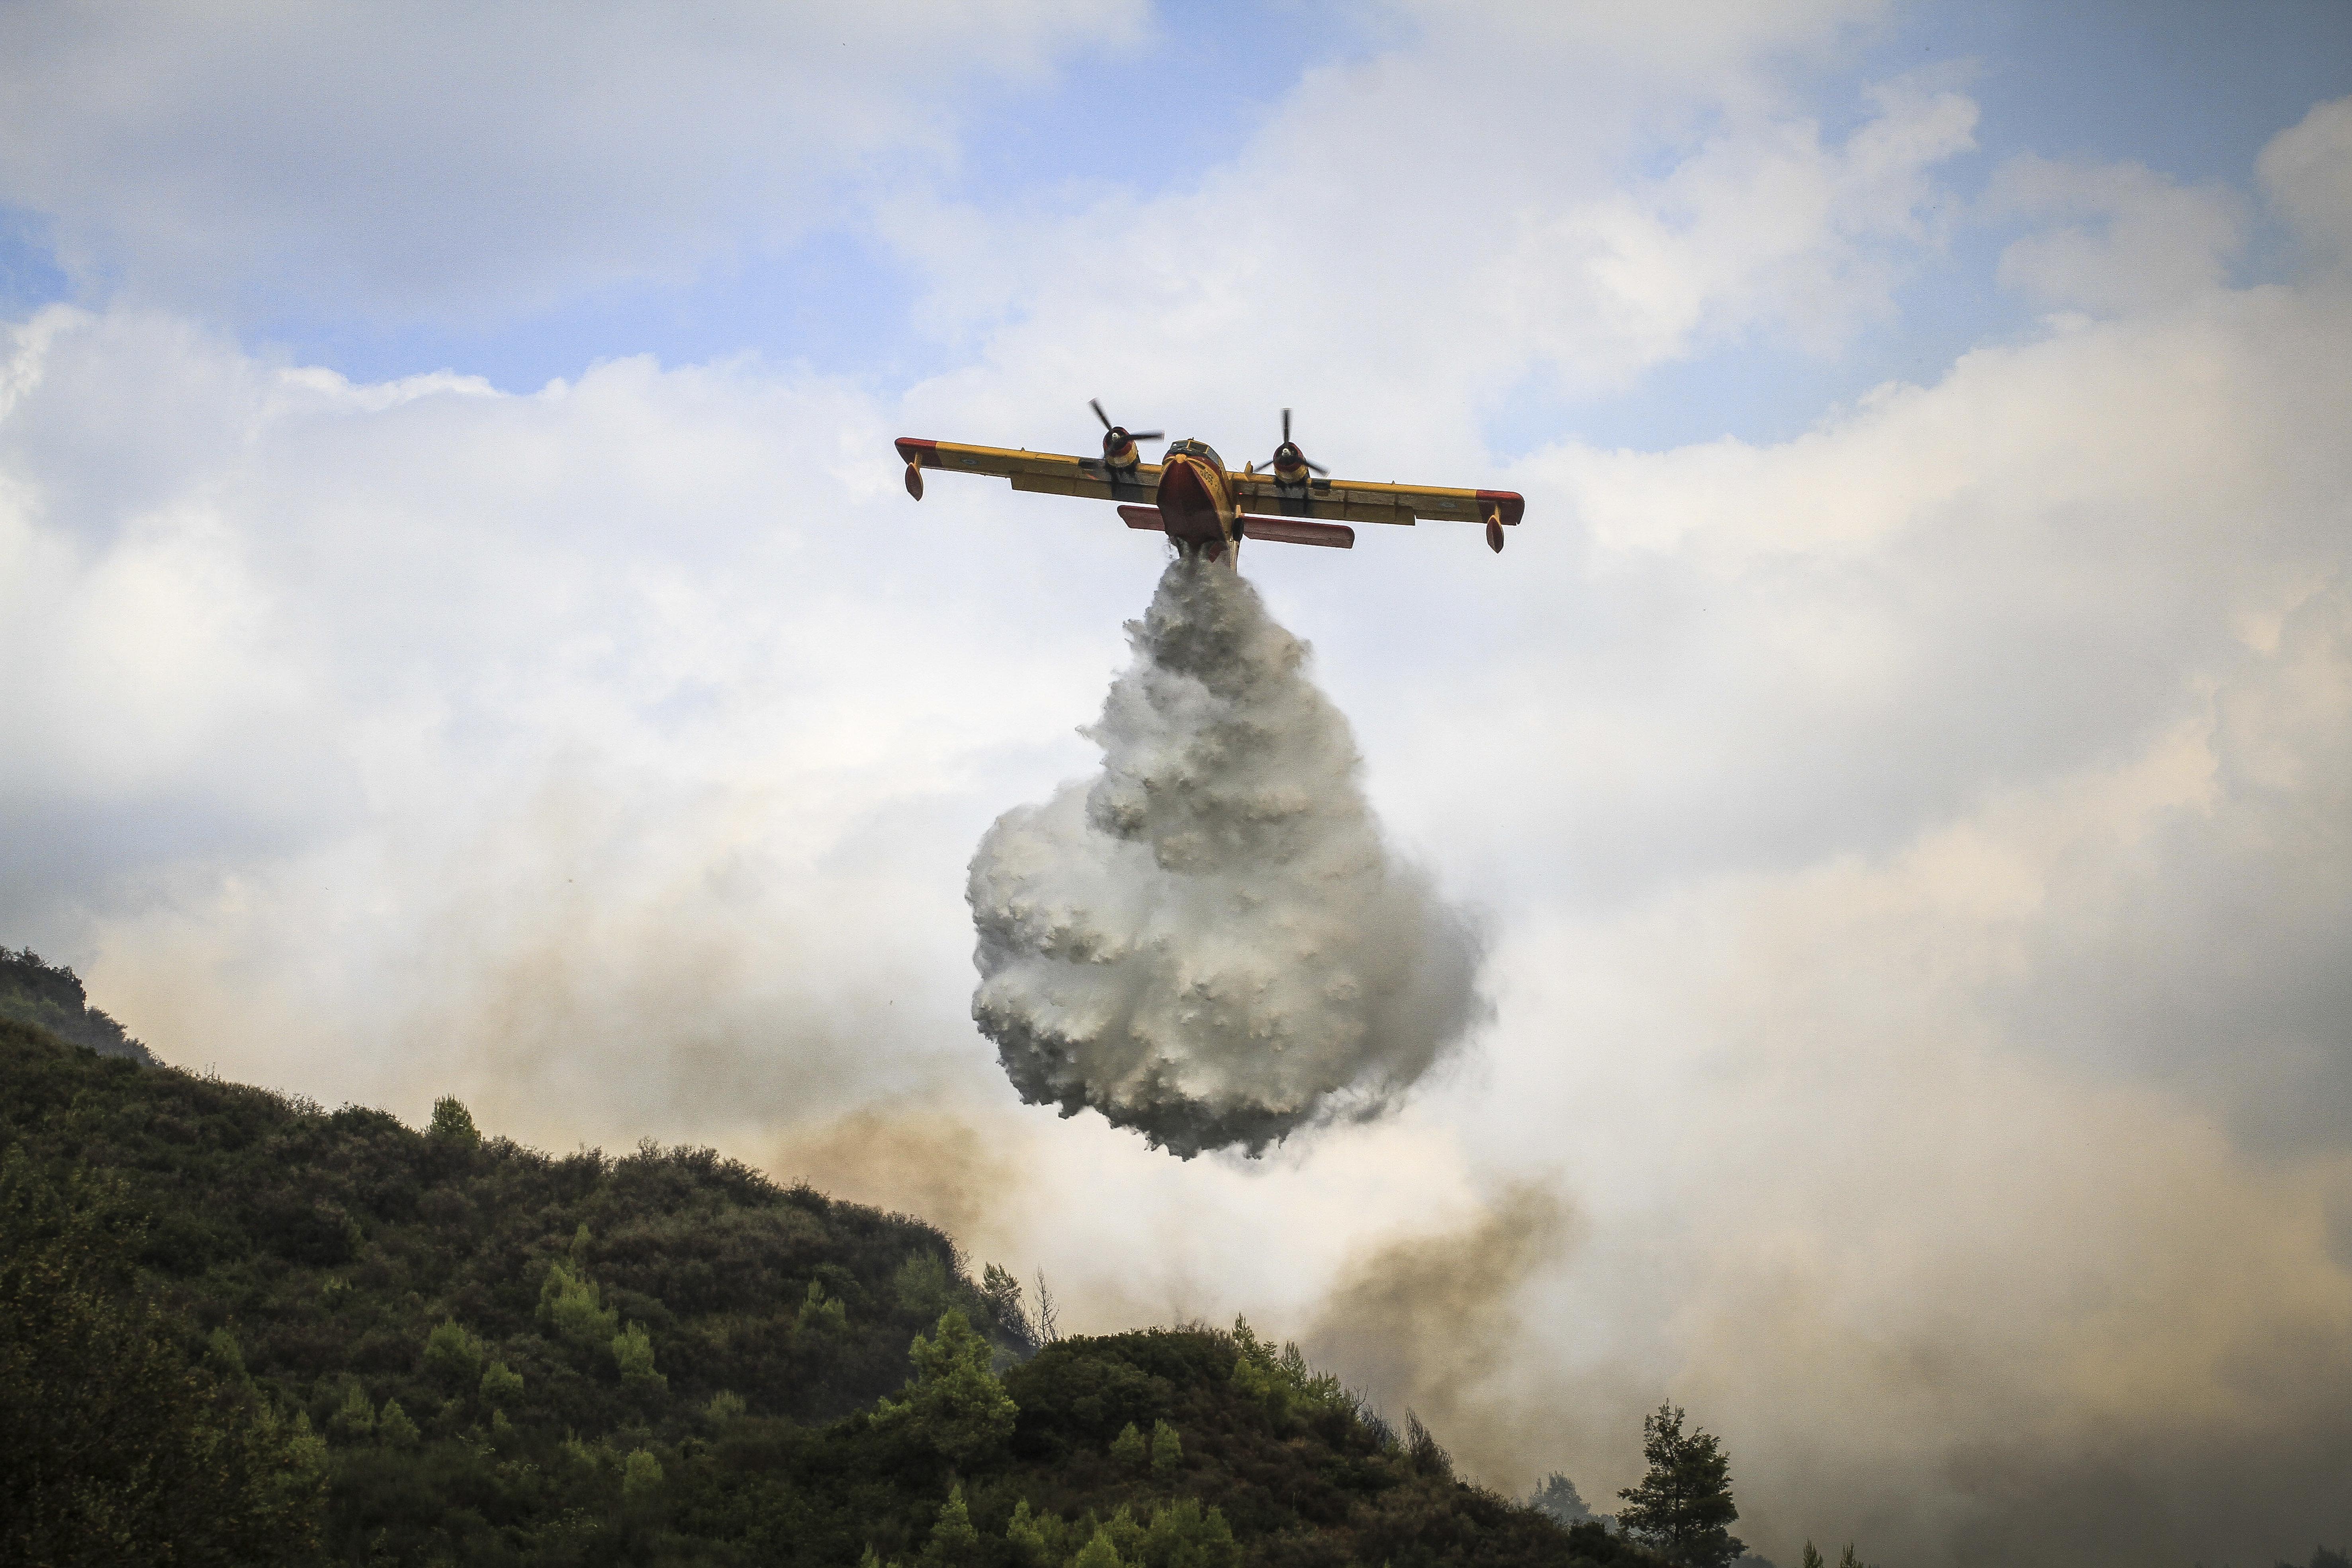 Κέρκυρα: Εκκενώνεται χωριό από τη φωτιά που είναι σε εξέλιξη βορειοδυτικά του